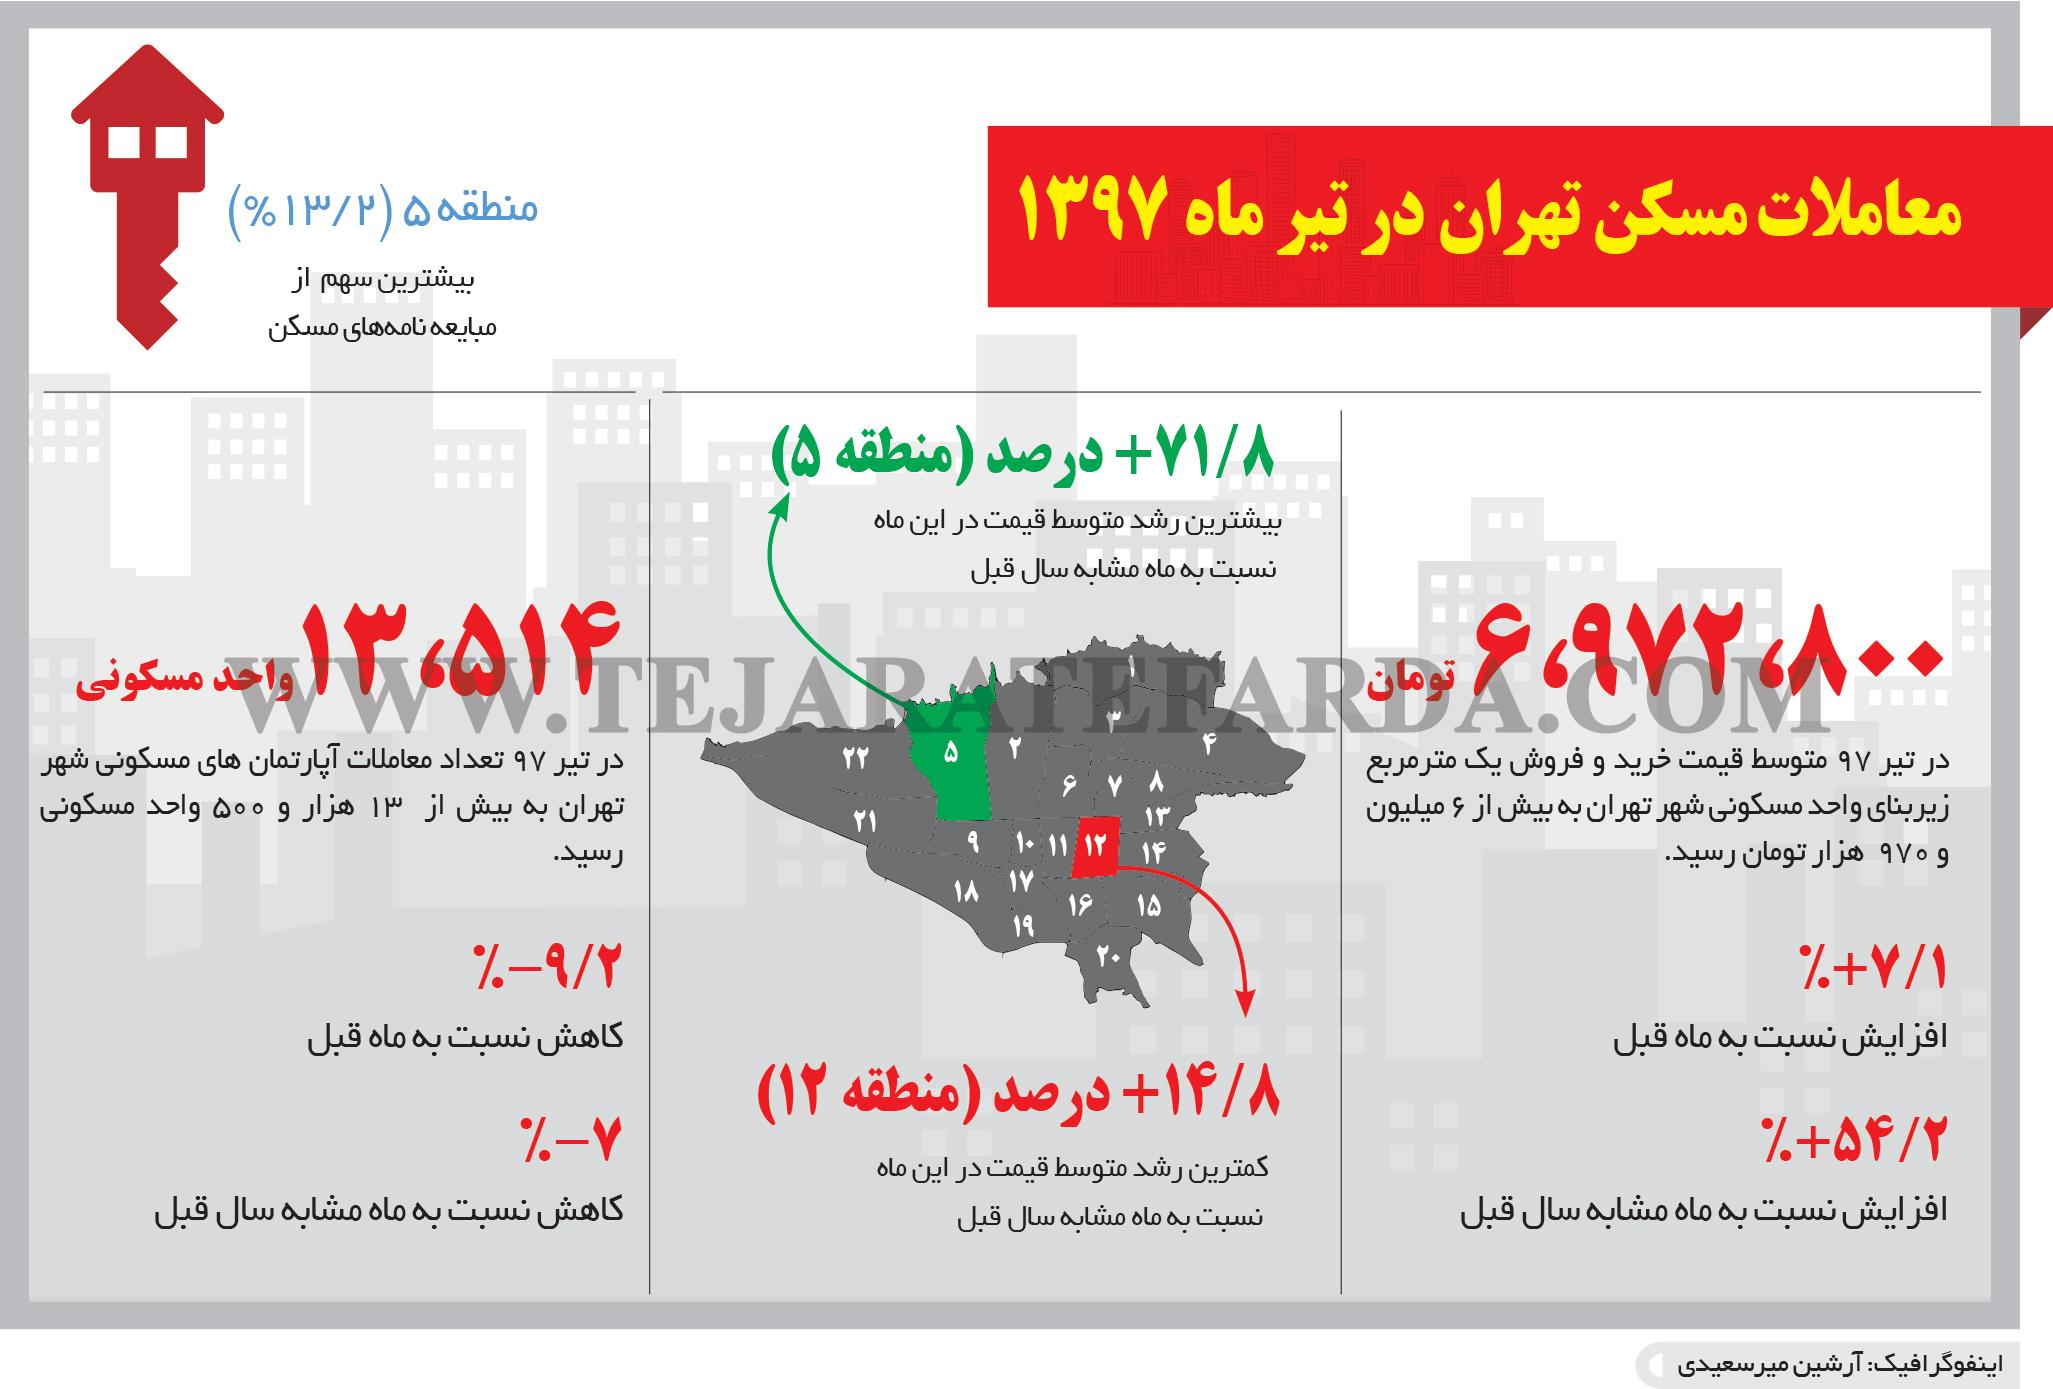 تجارت- فردا- معاملات مسکن تهران در تیر ماه 1397(اینفوگرافیک)